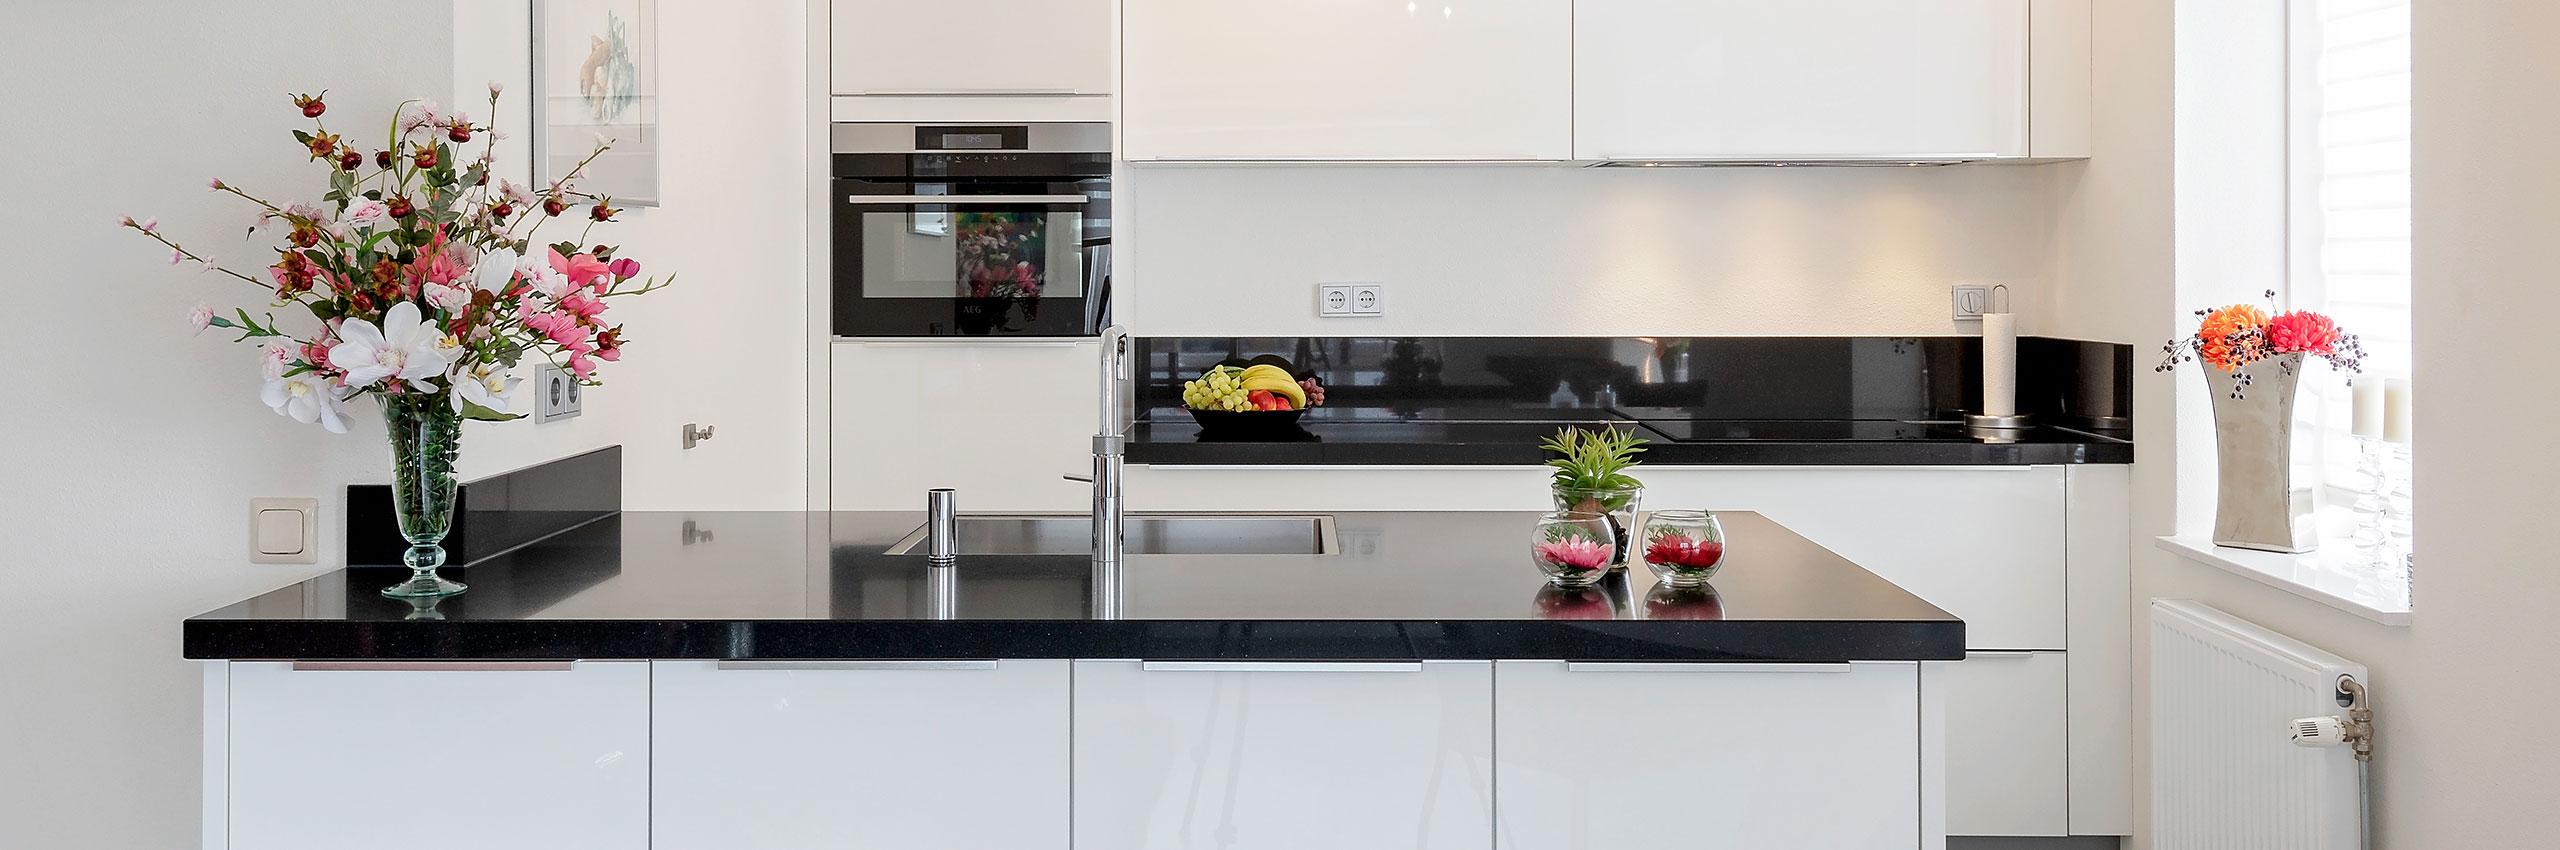 de-keuken-designers-nederland-netwerk